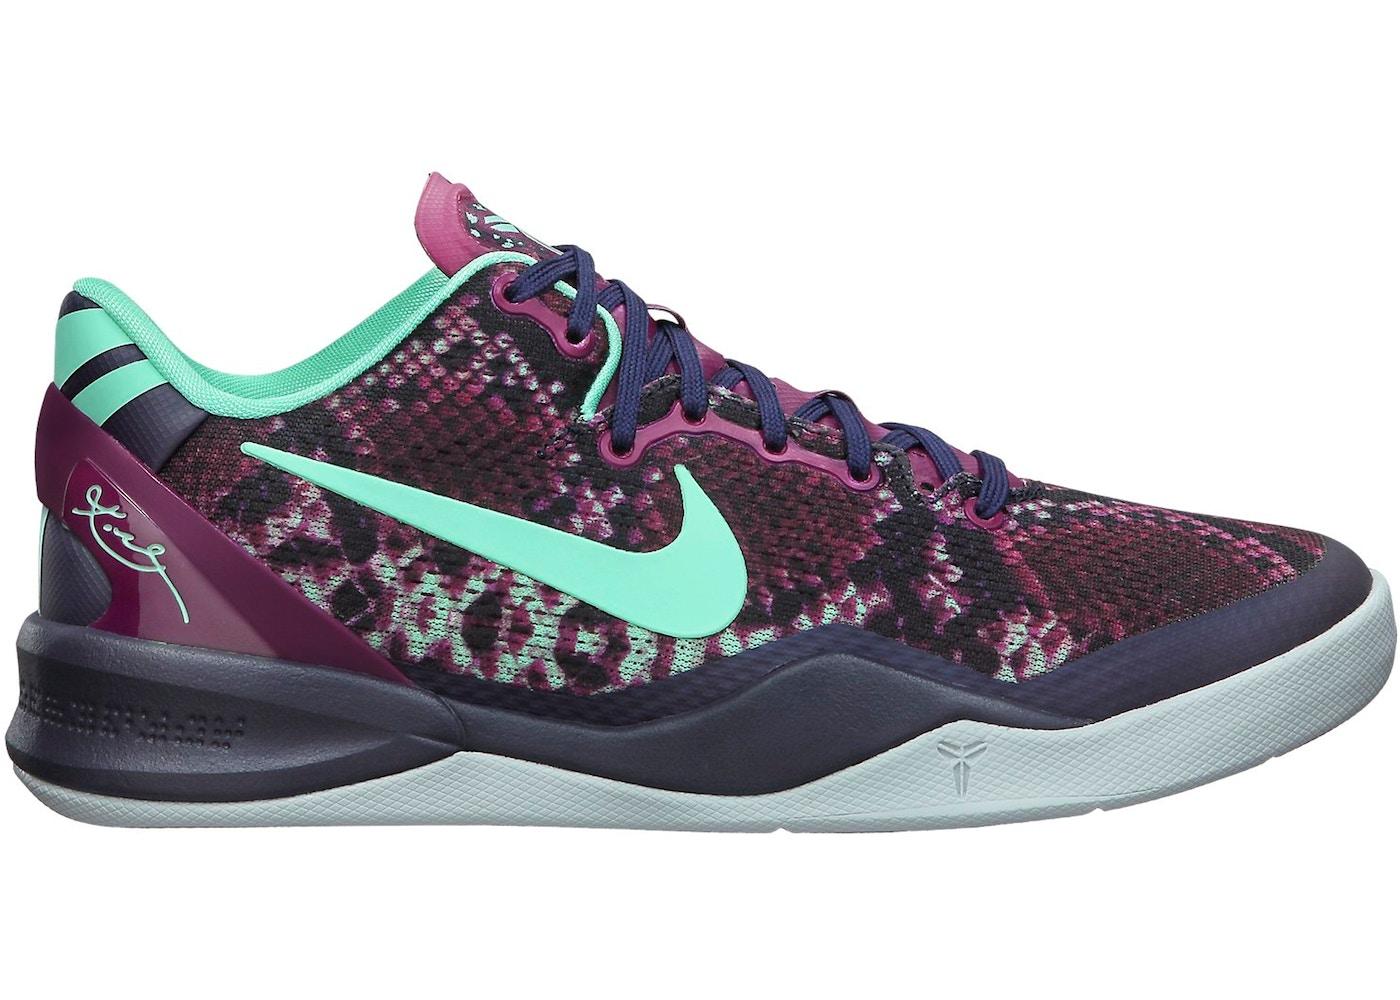 a425698201c5 Buy Nike Kobe 8 Shoes   Deadstock Sneakers